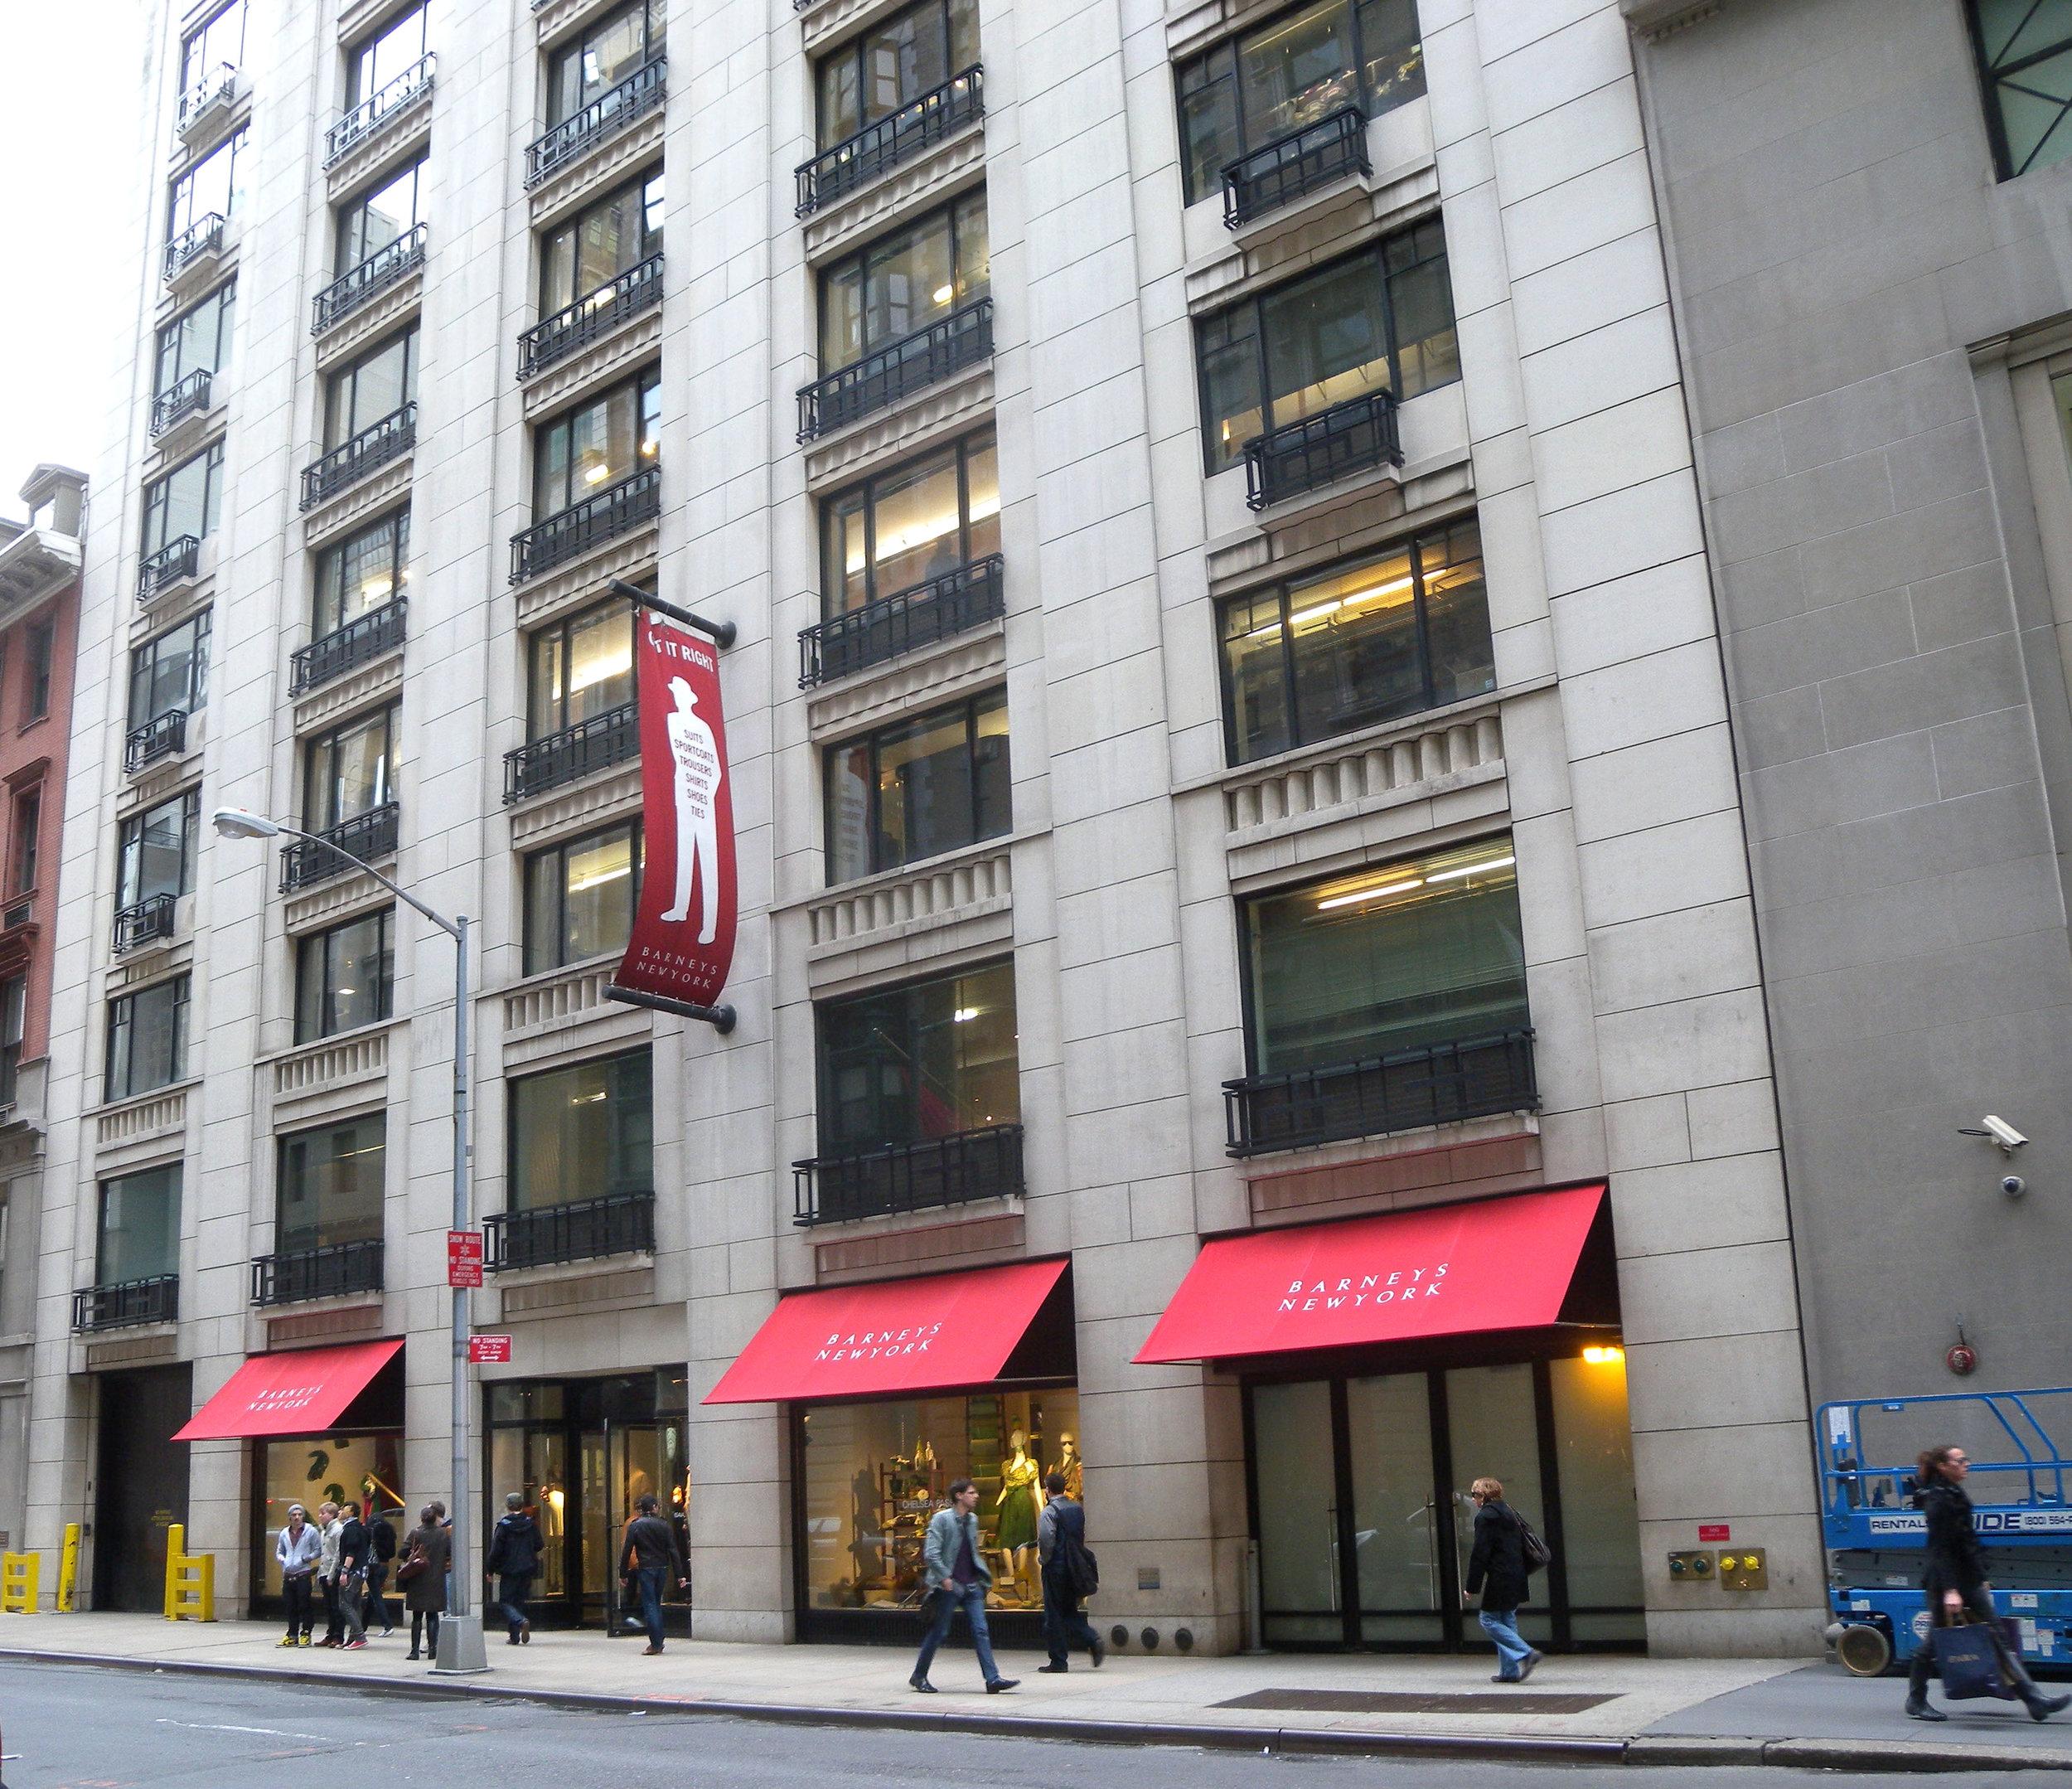 barneys newyork3.jpg